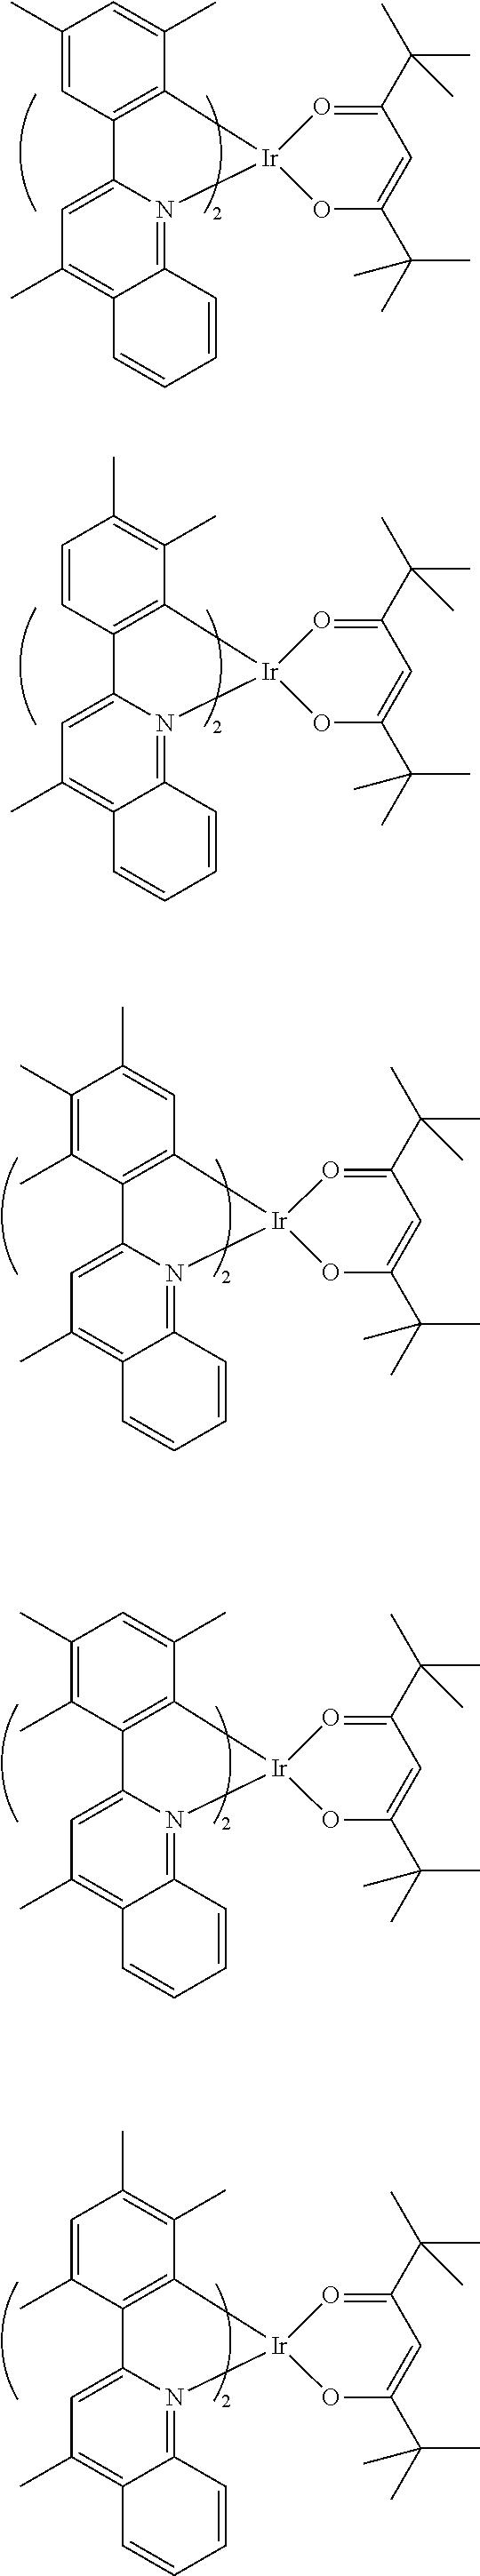 Figure US09324958-20160426-C00024